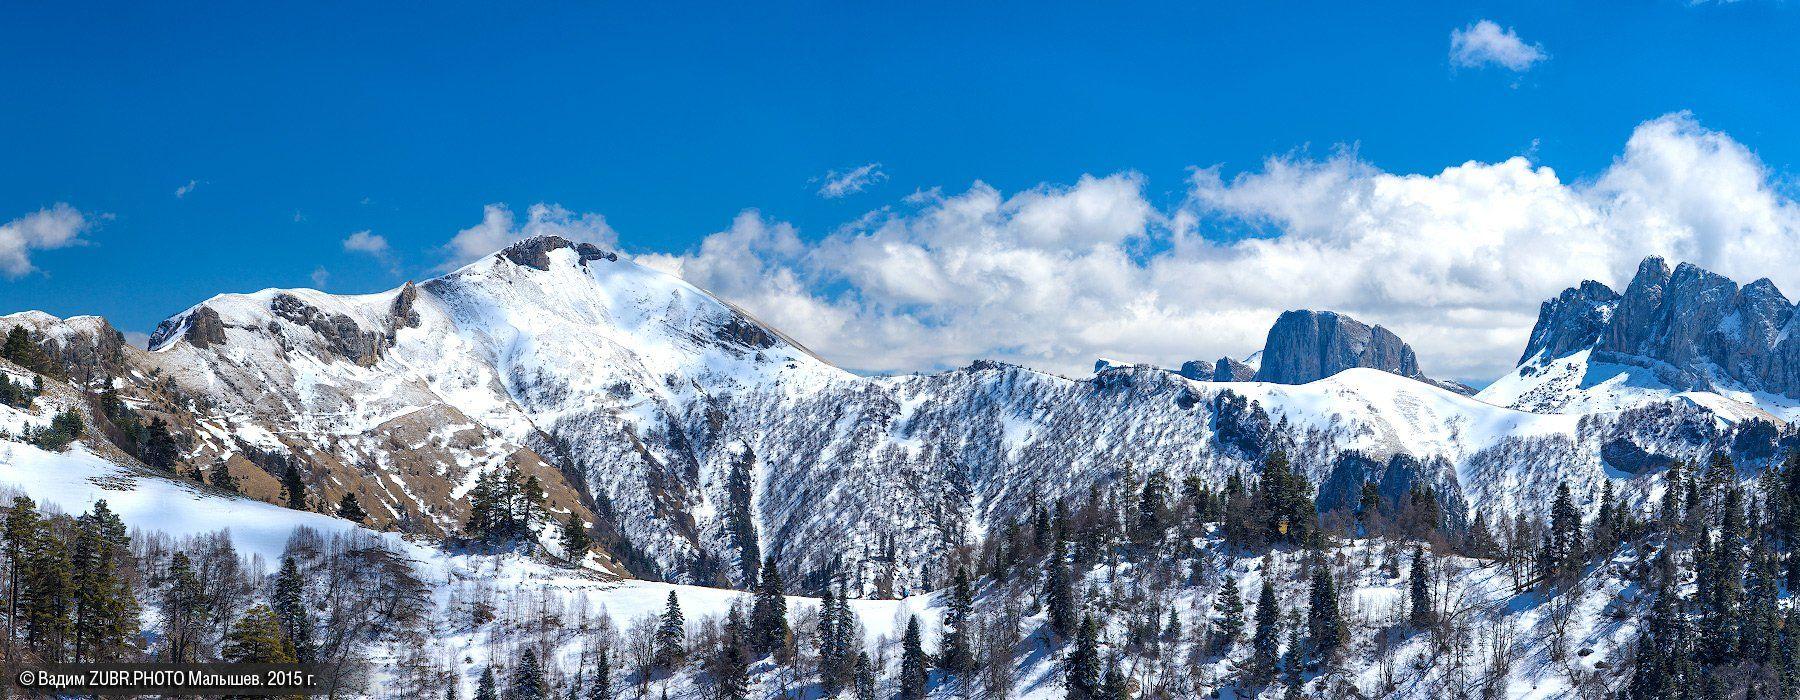 пейзаж, горы, адыгея, тхач, панорама, zubrphoto, Вадим ZUBR Малышев